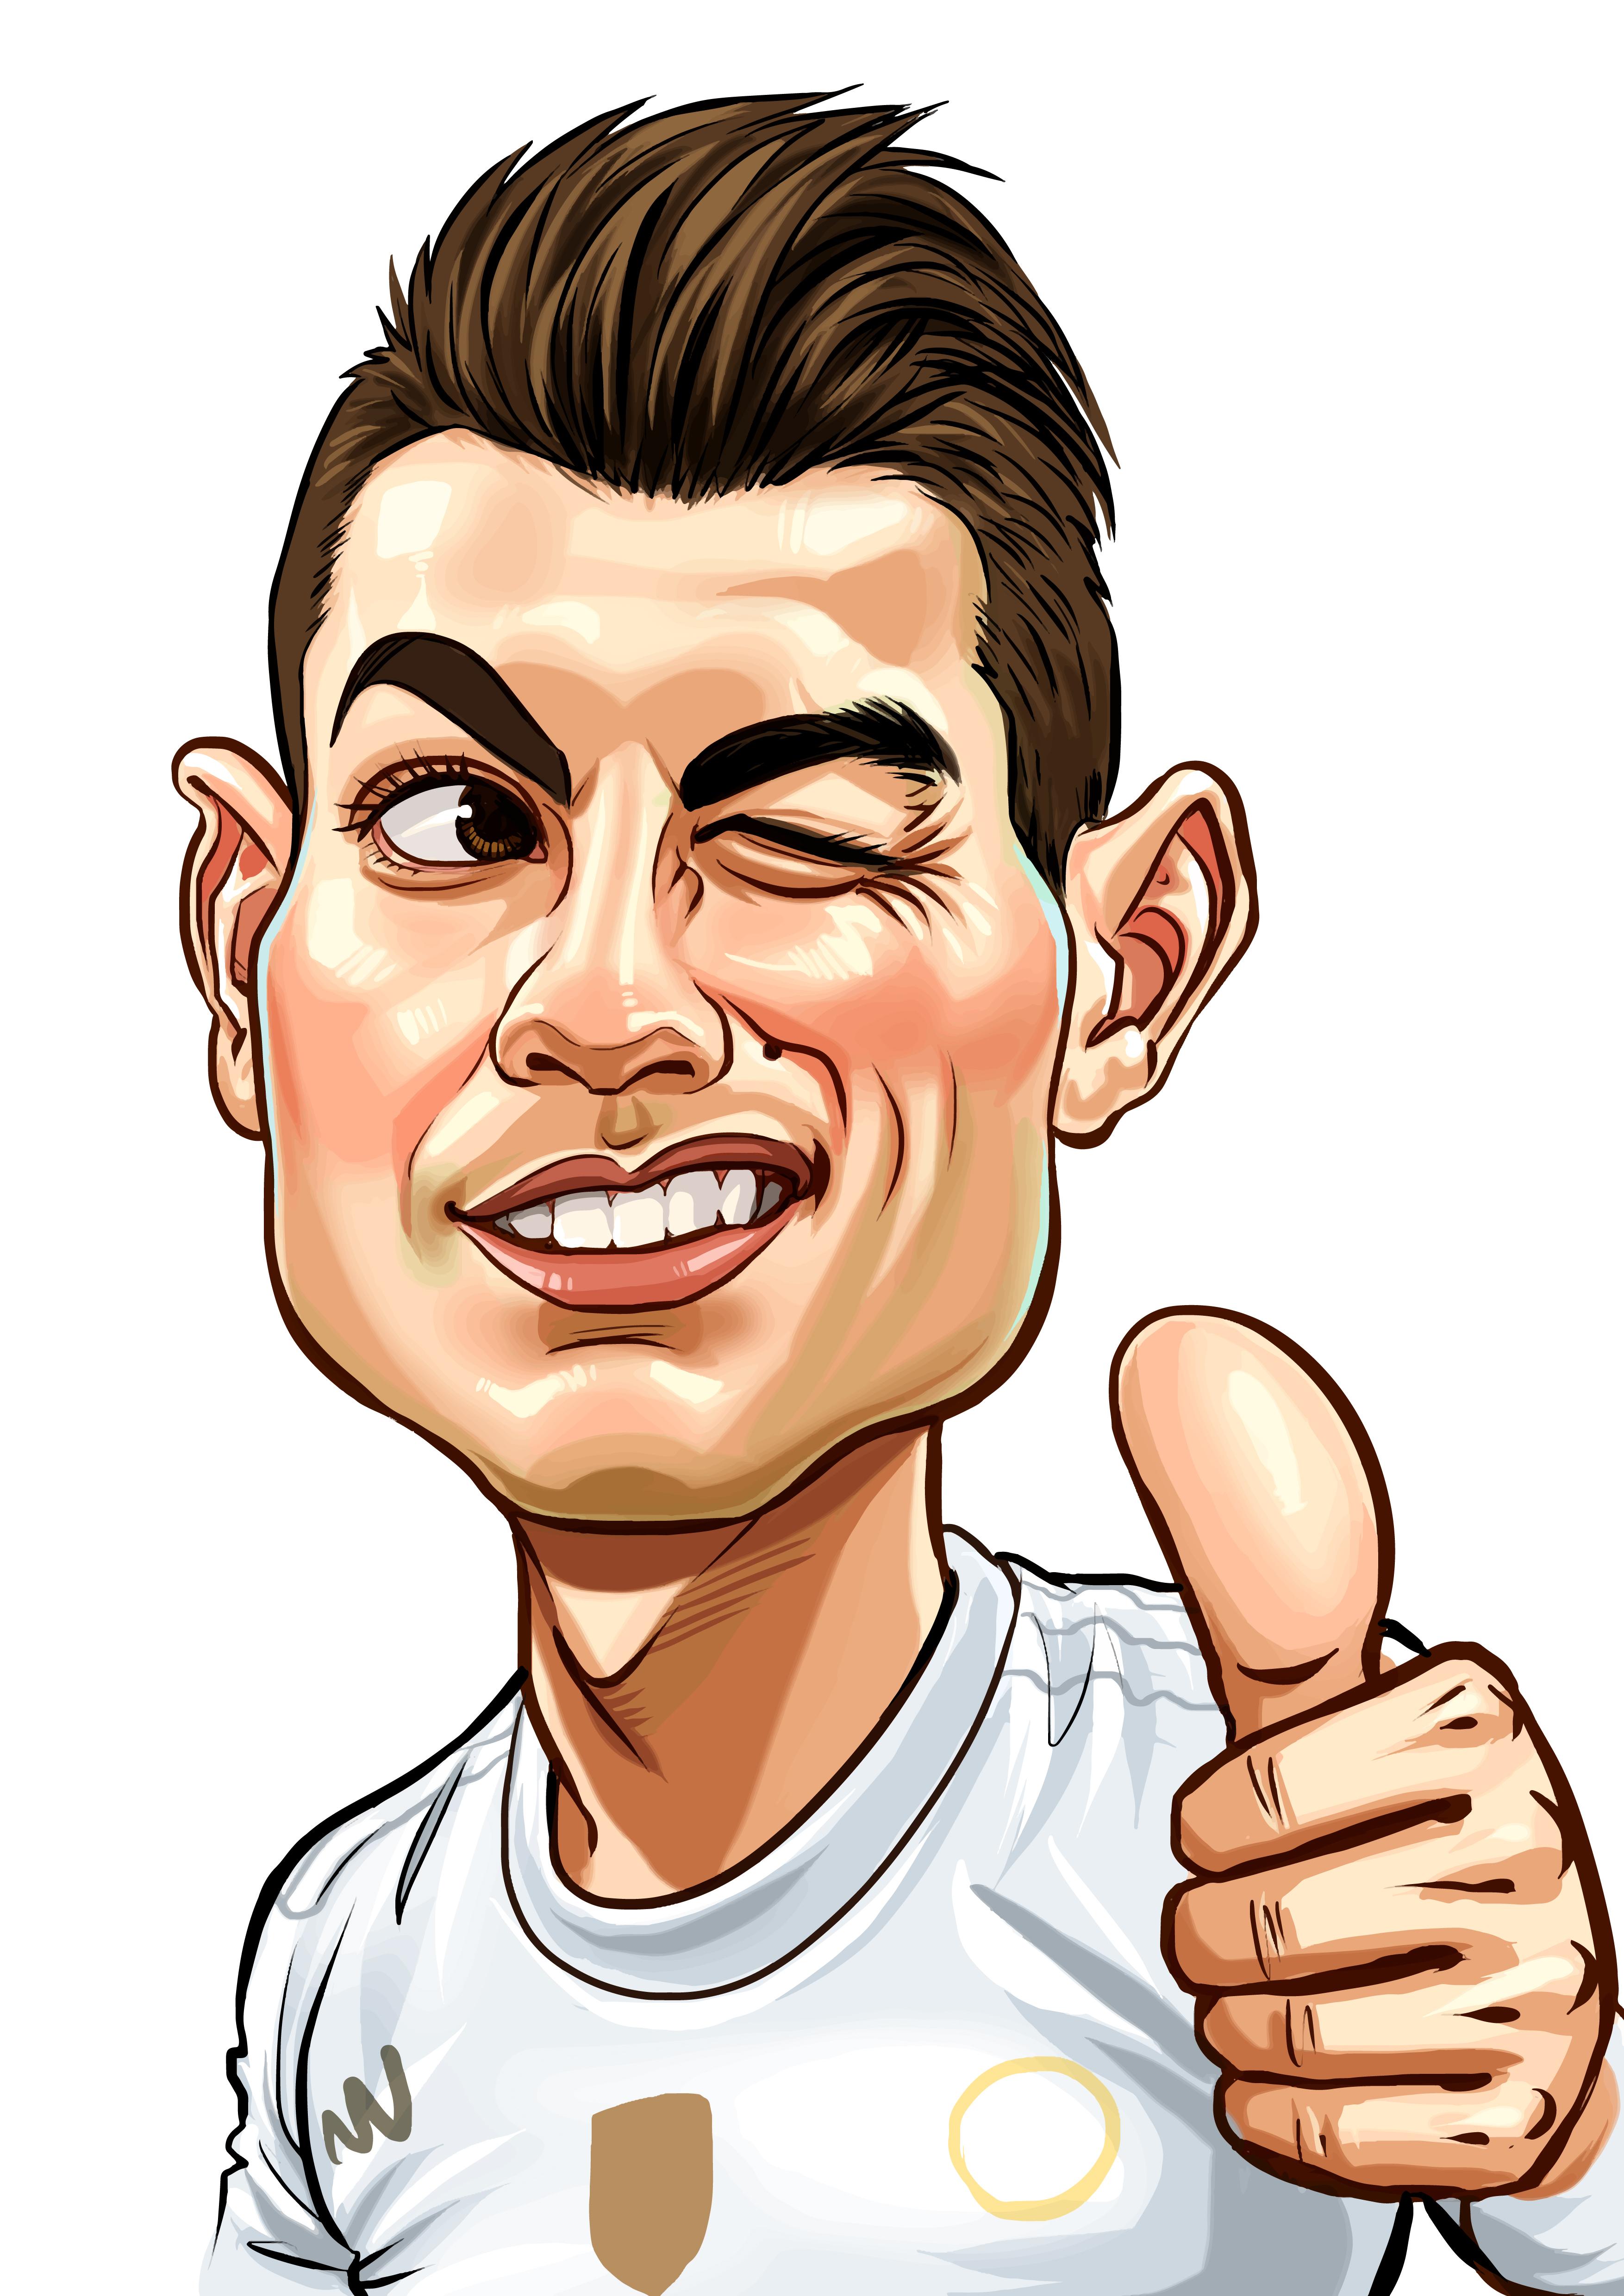 Les sportifs, notamment Ronaldo, s'installent en Italie pour son régime fiscal.